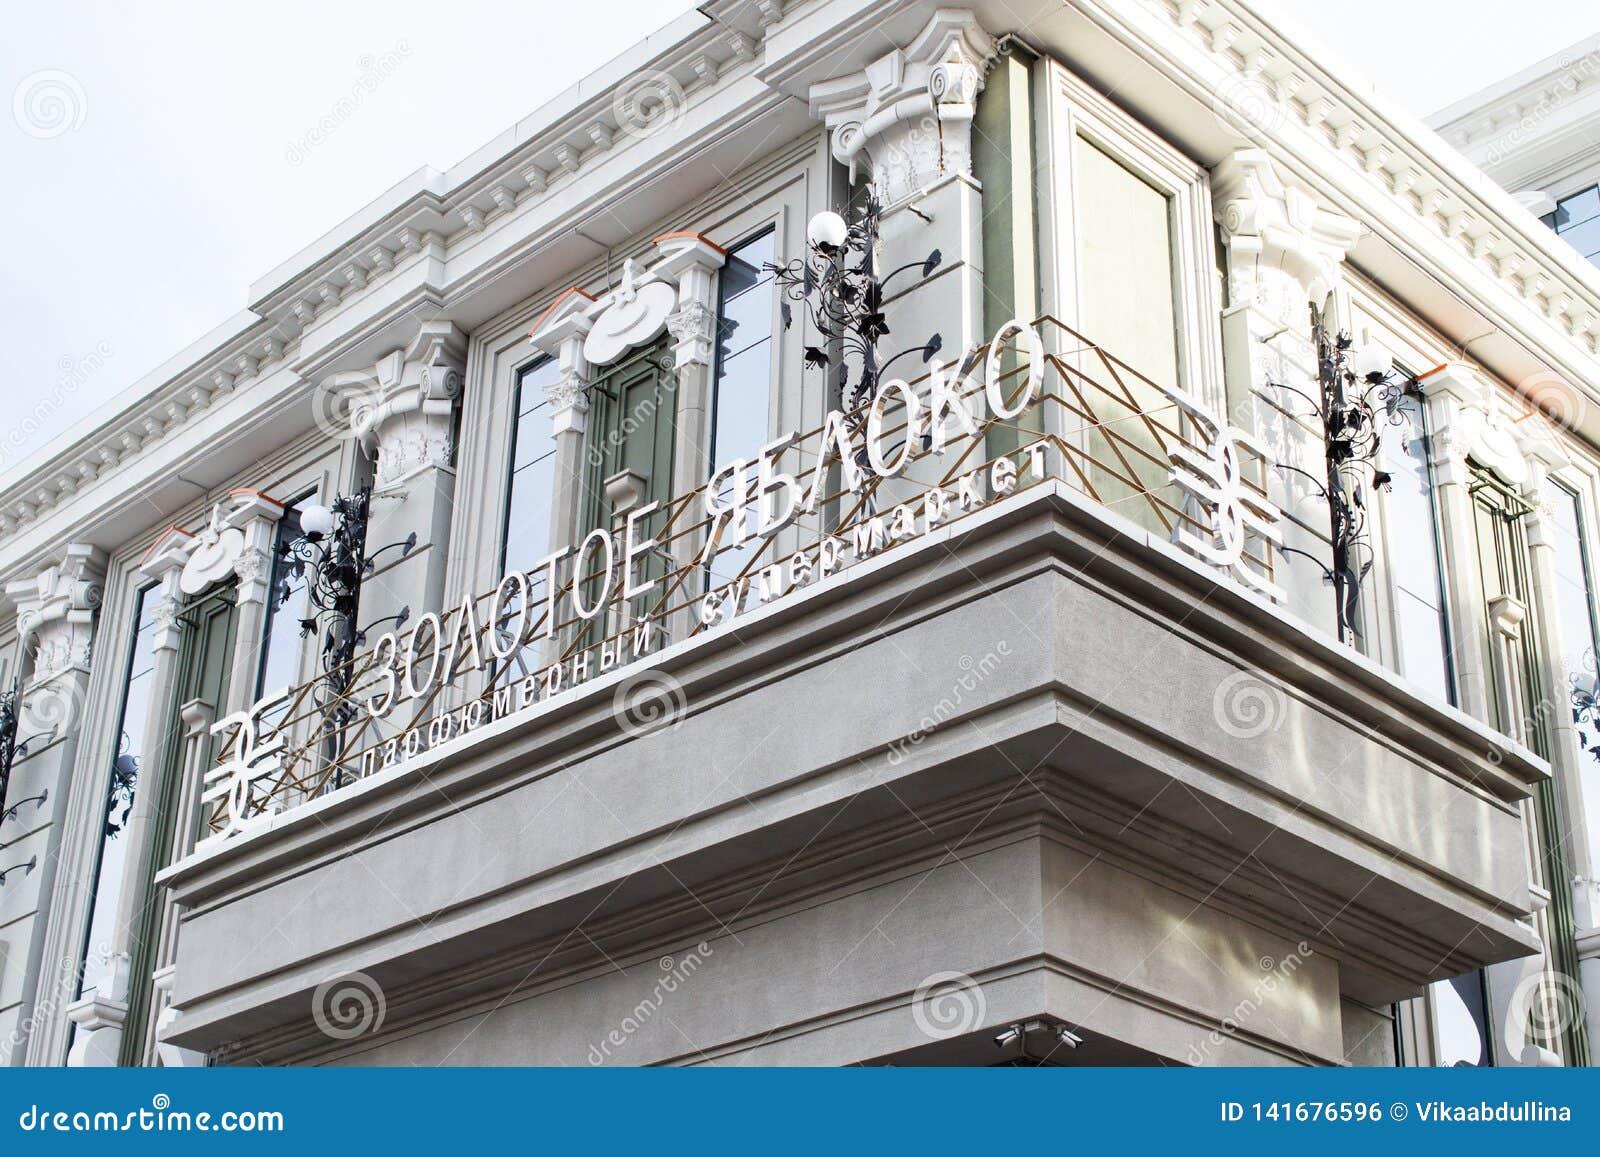 Χρυσό σημάδι λογότυπων Zolotoe Yabloko μήλων του καταστήματος οδών - διάσημο καλλυντικό κατάστημα